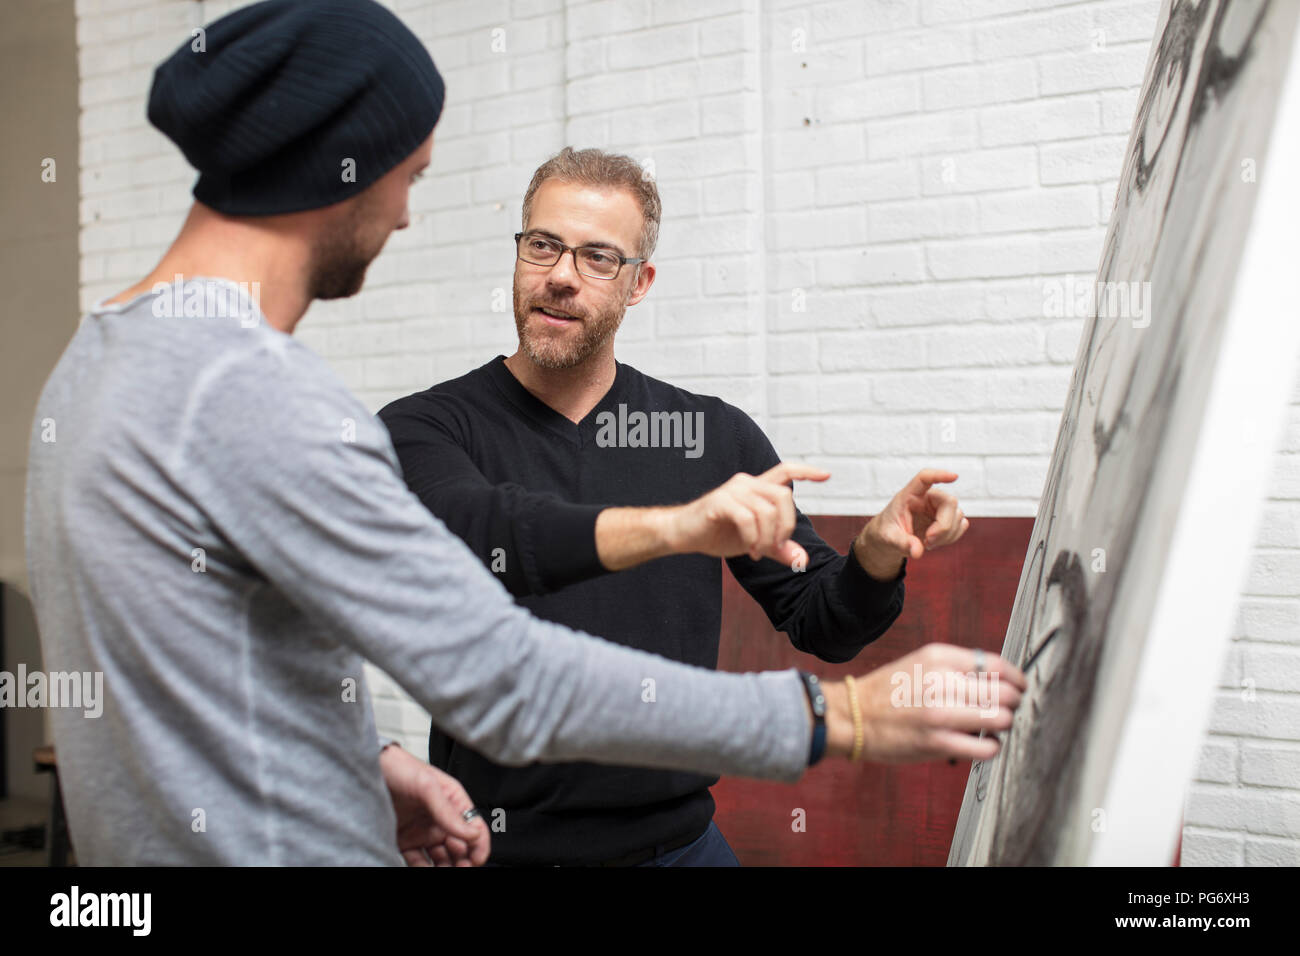 Dessin artiste discuter avec l'homme en studio Banque D'Images